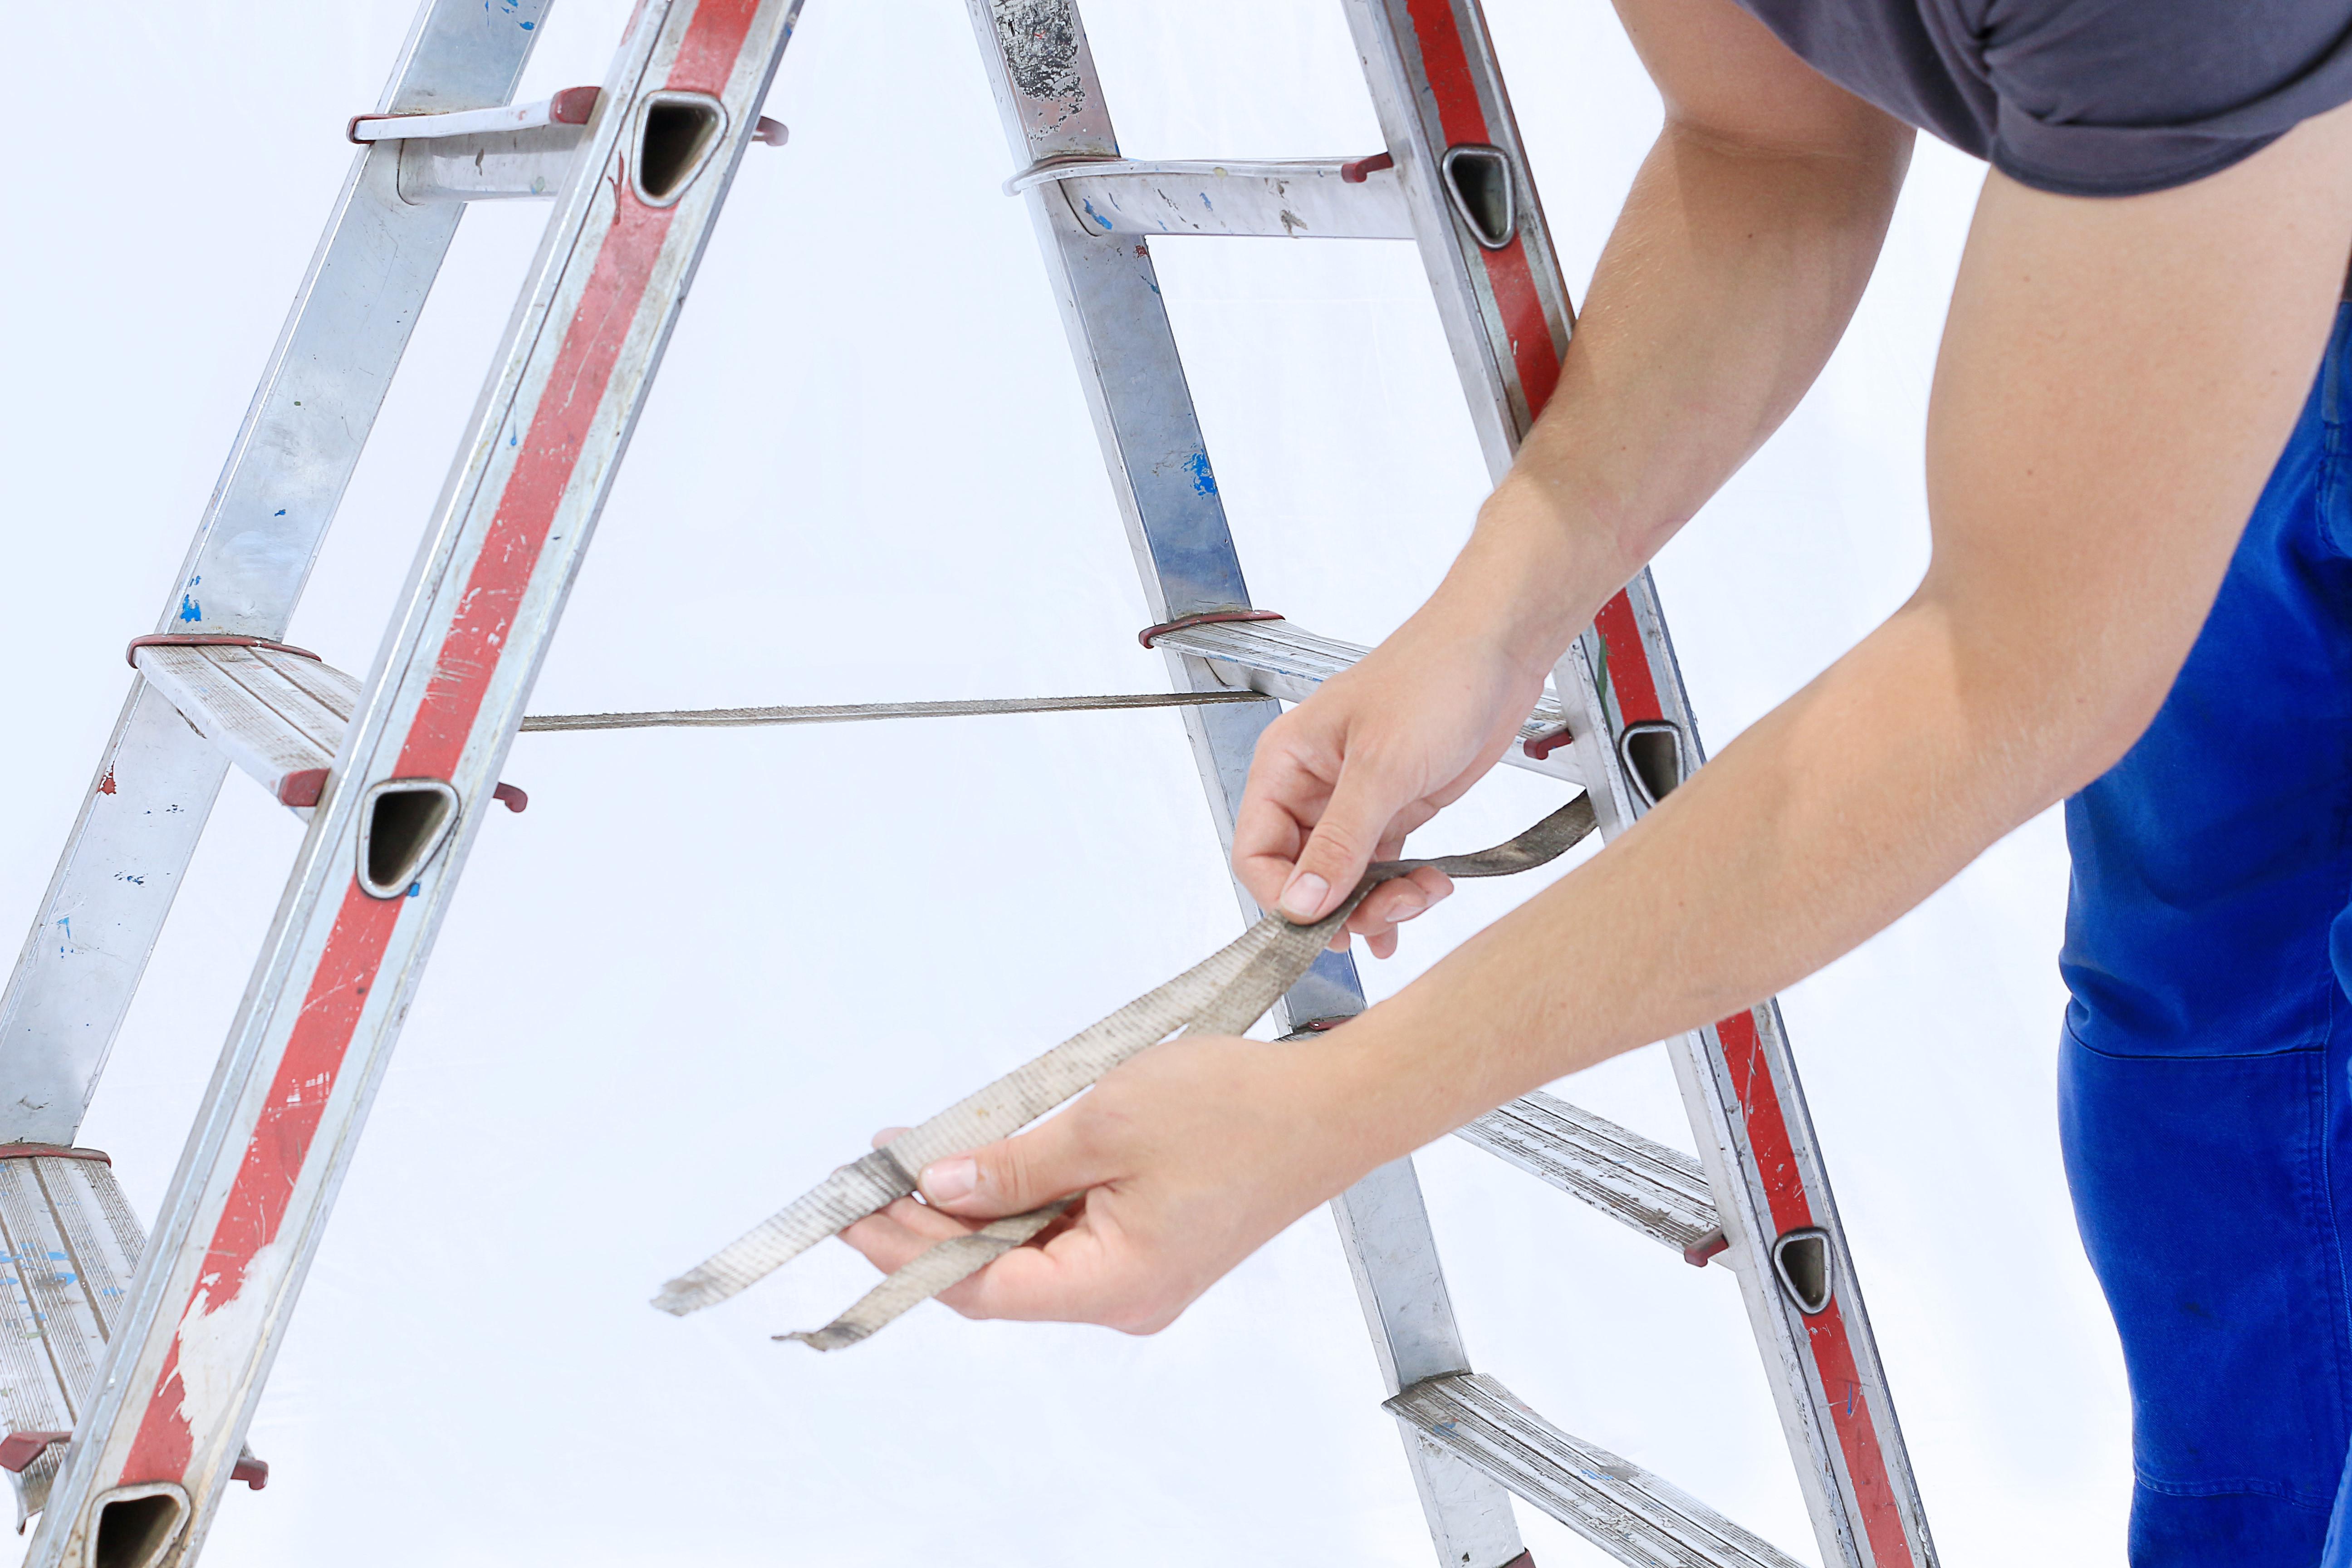 Prüfung Leitern und Tritte